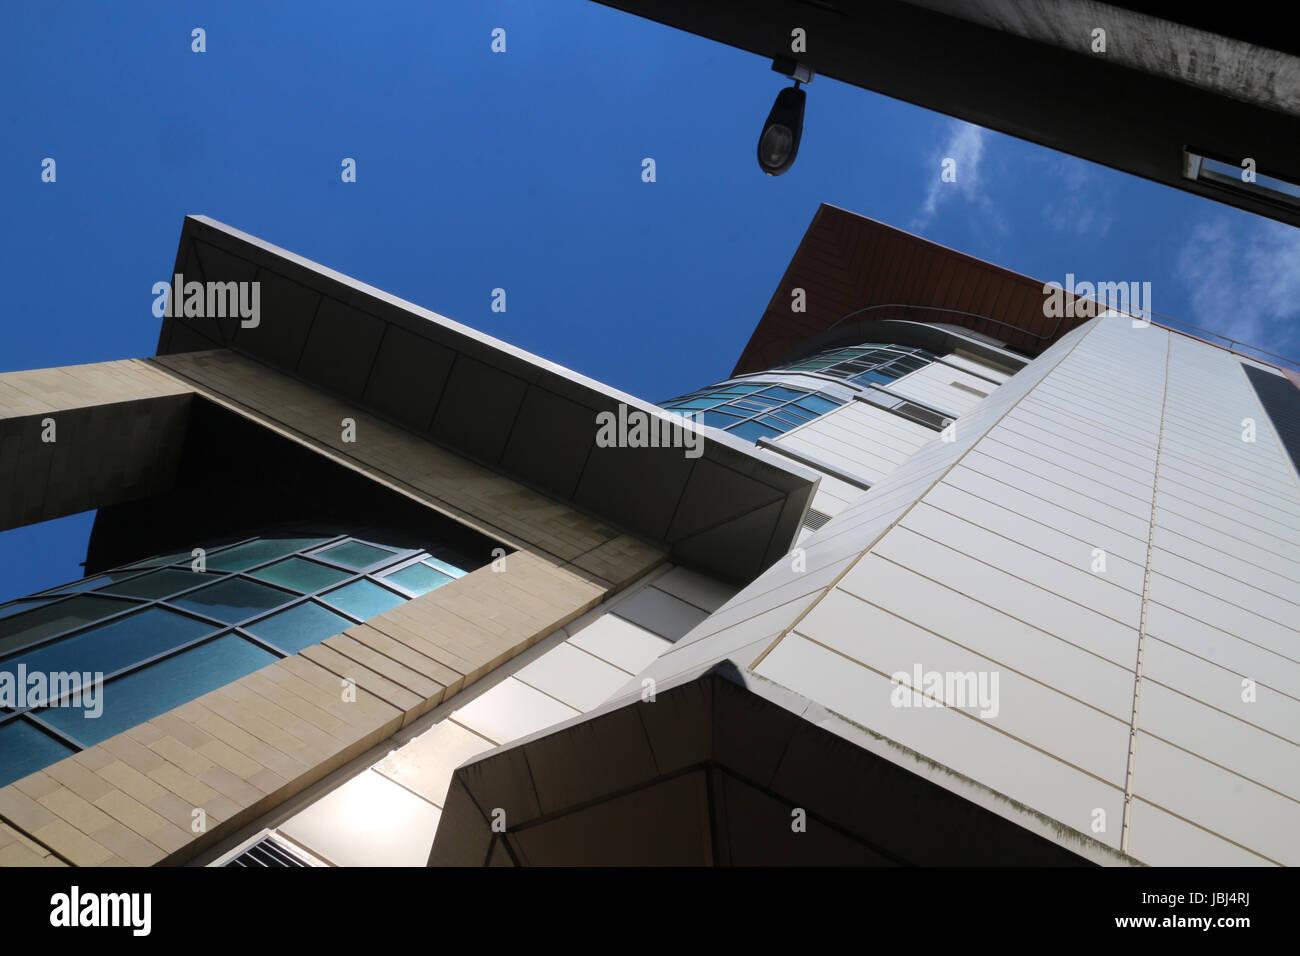 Modern building between renfrew street renfrew lane and renfield modern building between renfrew street renfrew lane and renfield street glasgow scotland uk sciox Image collections